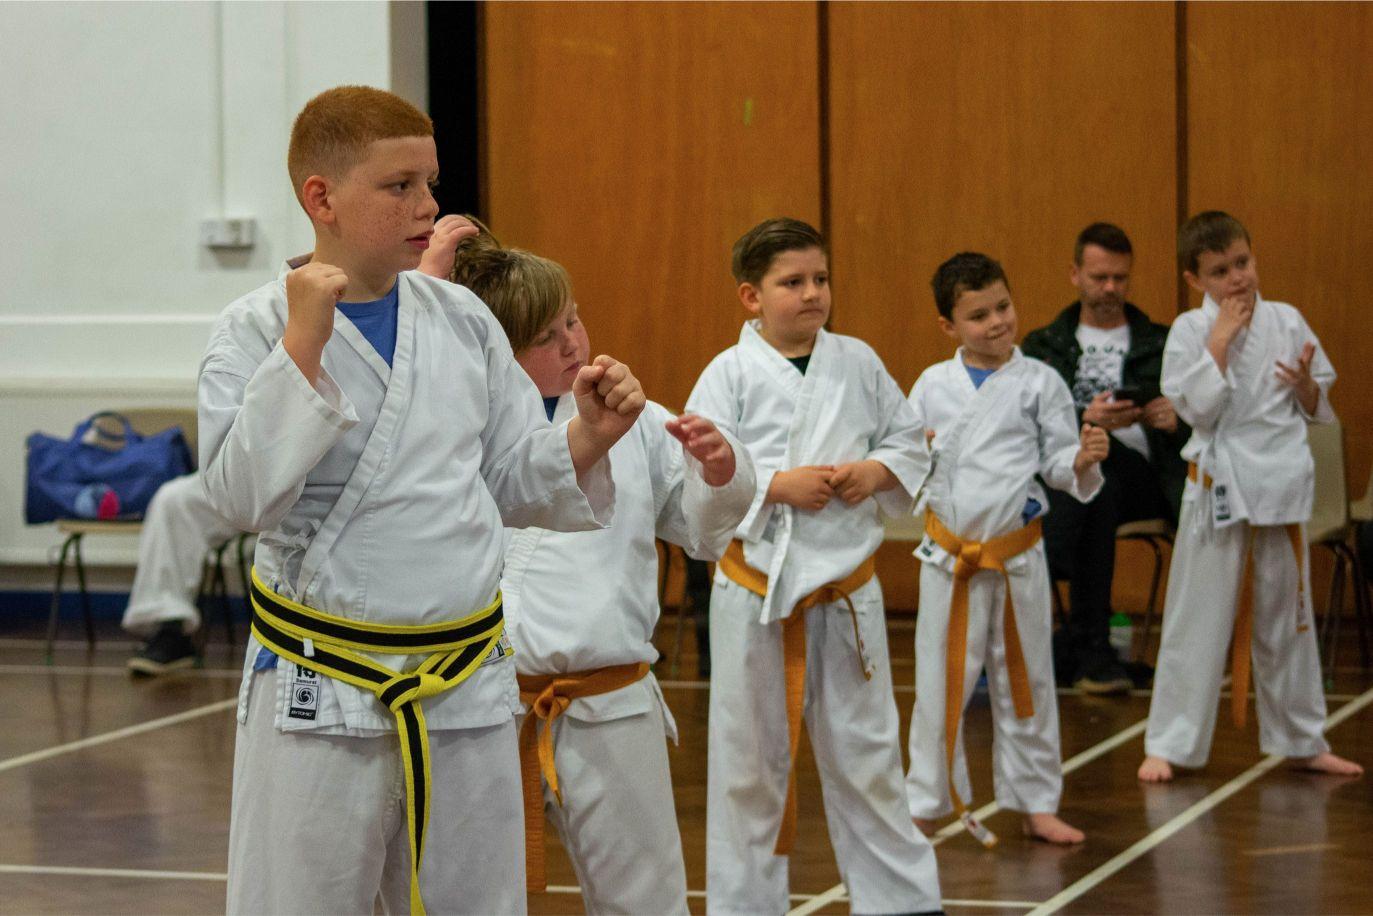 Juniors martial arts grading